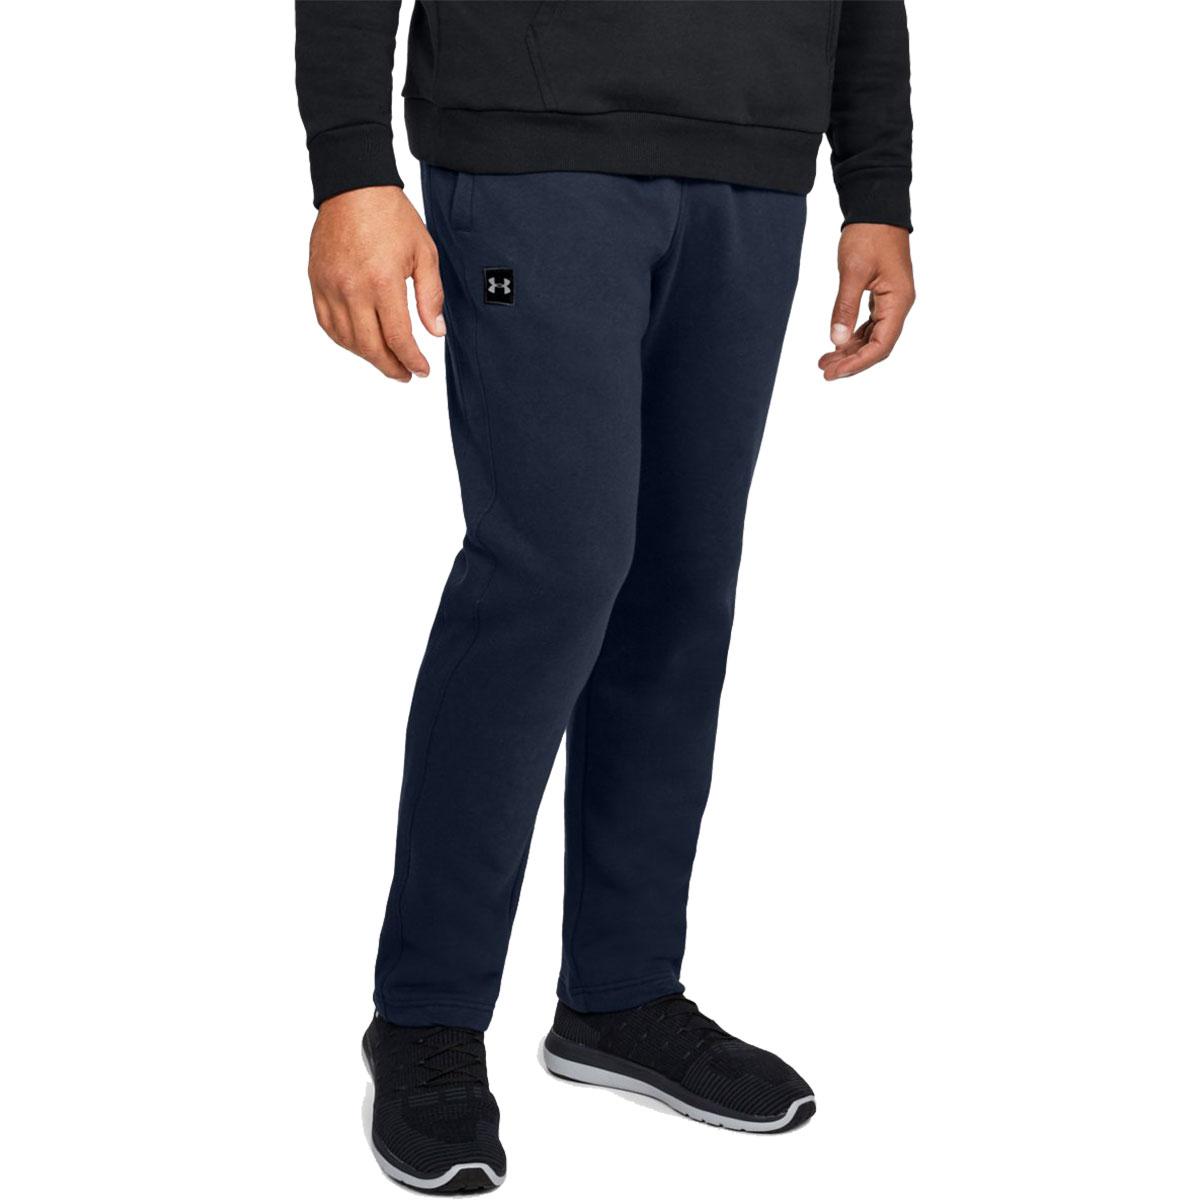 Under Armour Men's Ua Rival Fleece Pants - Blue, M